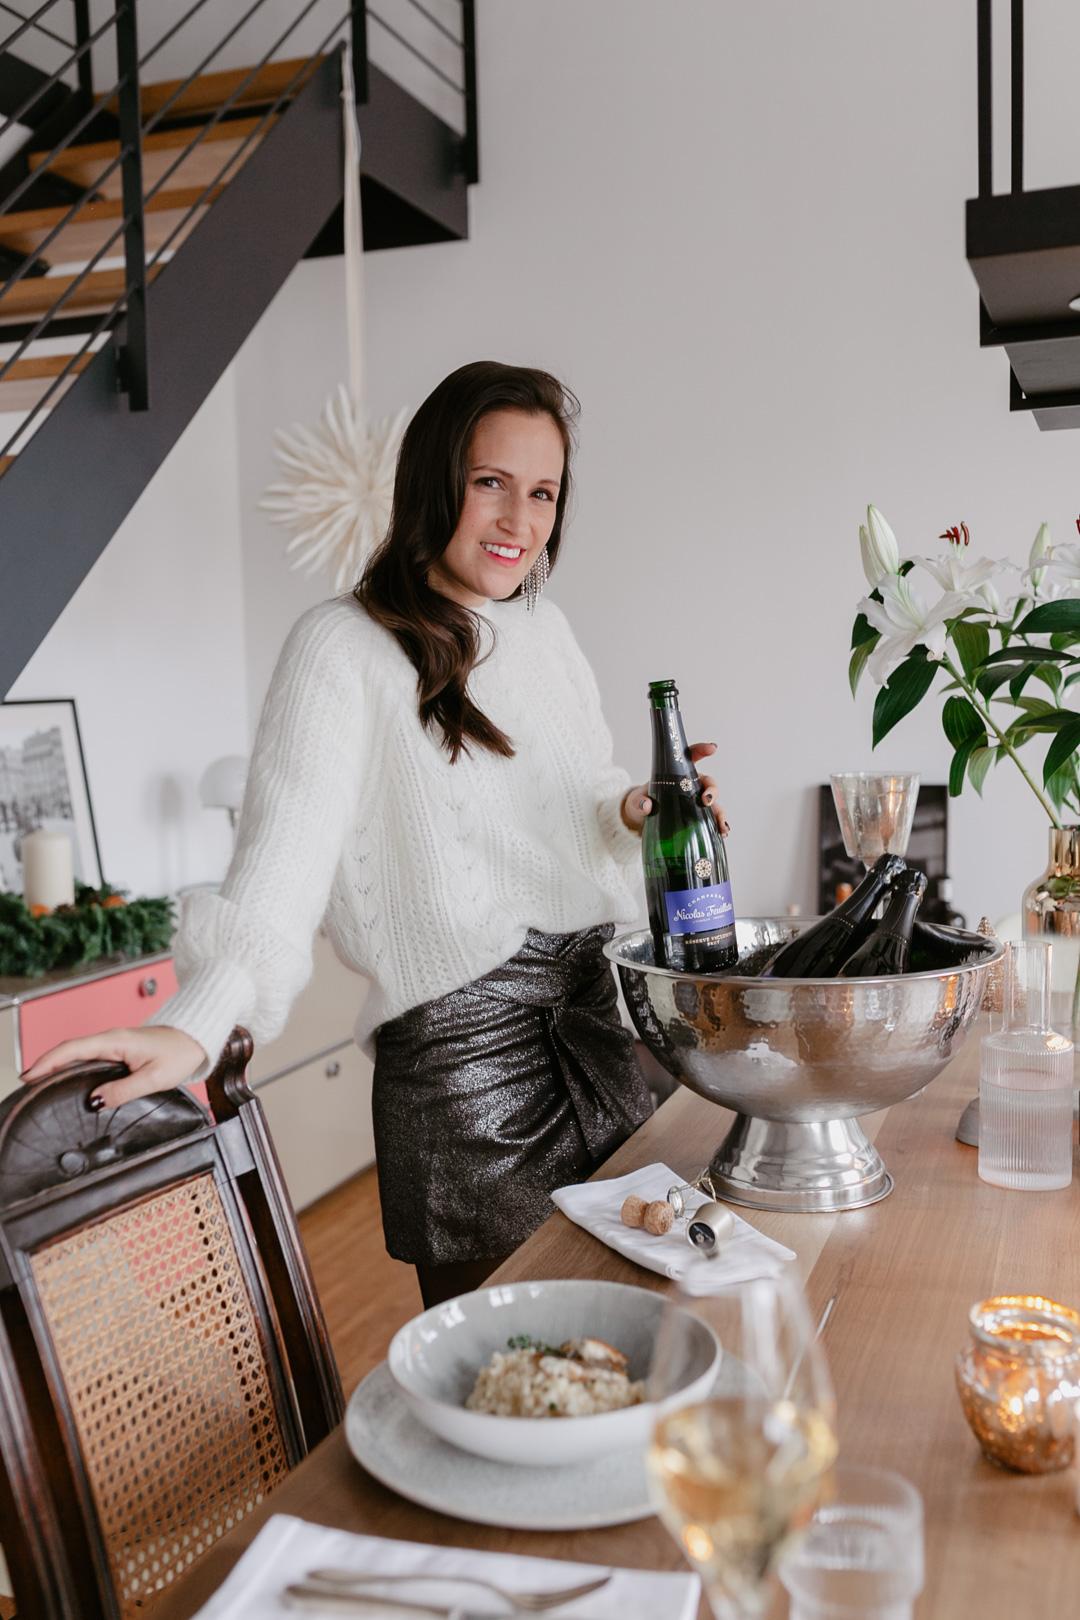 Seid ihr noch auf der Suche nach einer Essensidee für Weihnachten? Wir wäre es z.B. mit einem Thymian Risotto mit gebratener Forelle? Begleitet wird das Menü von einem Glas Nicolas Feuillatte Champagner, denn die Franzosen machen es uns vor & trinken den Schaumwein nicht nur als Aperitiv, sondern als prickelnde Essensbegleitung. Mehr dazu und das Rezept für das Risotto mit Forelle findet ihr auf www.piecesofmariposa.com.